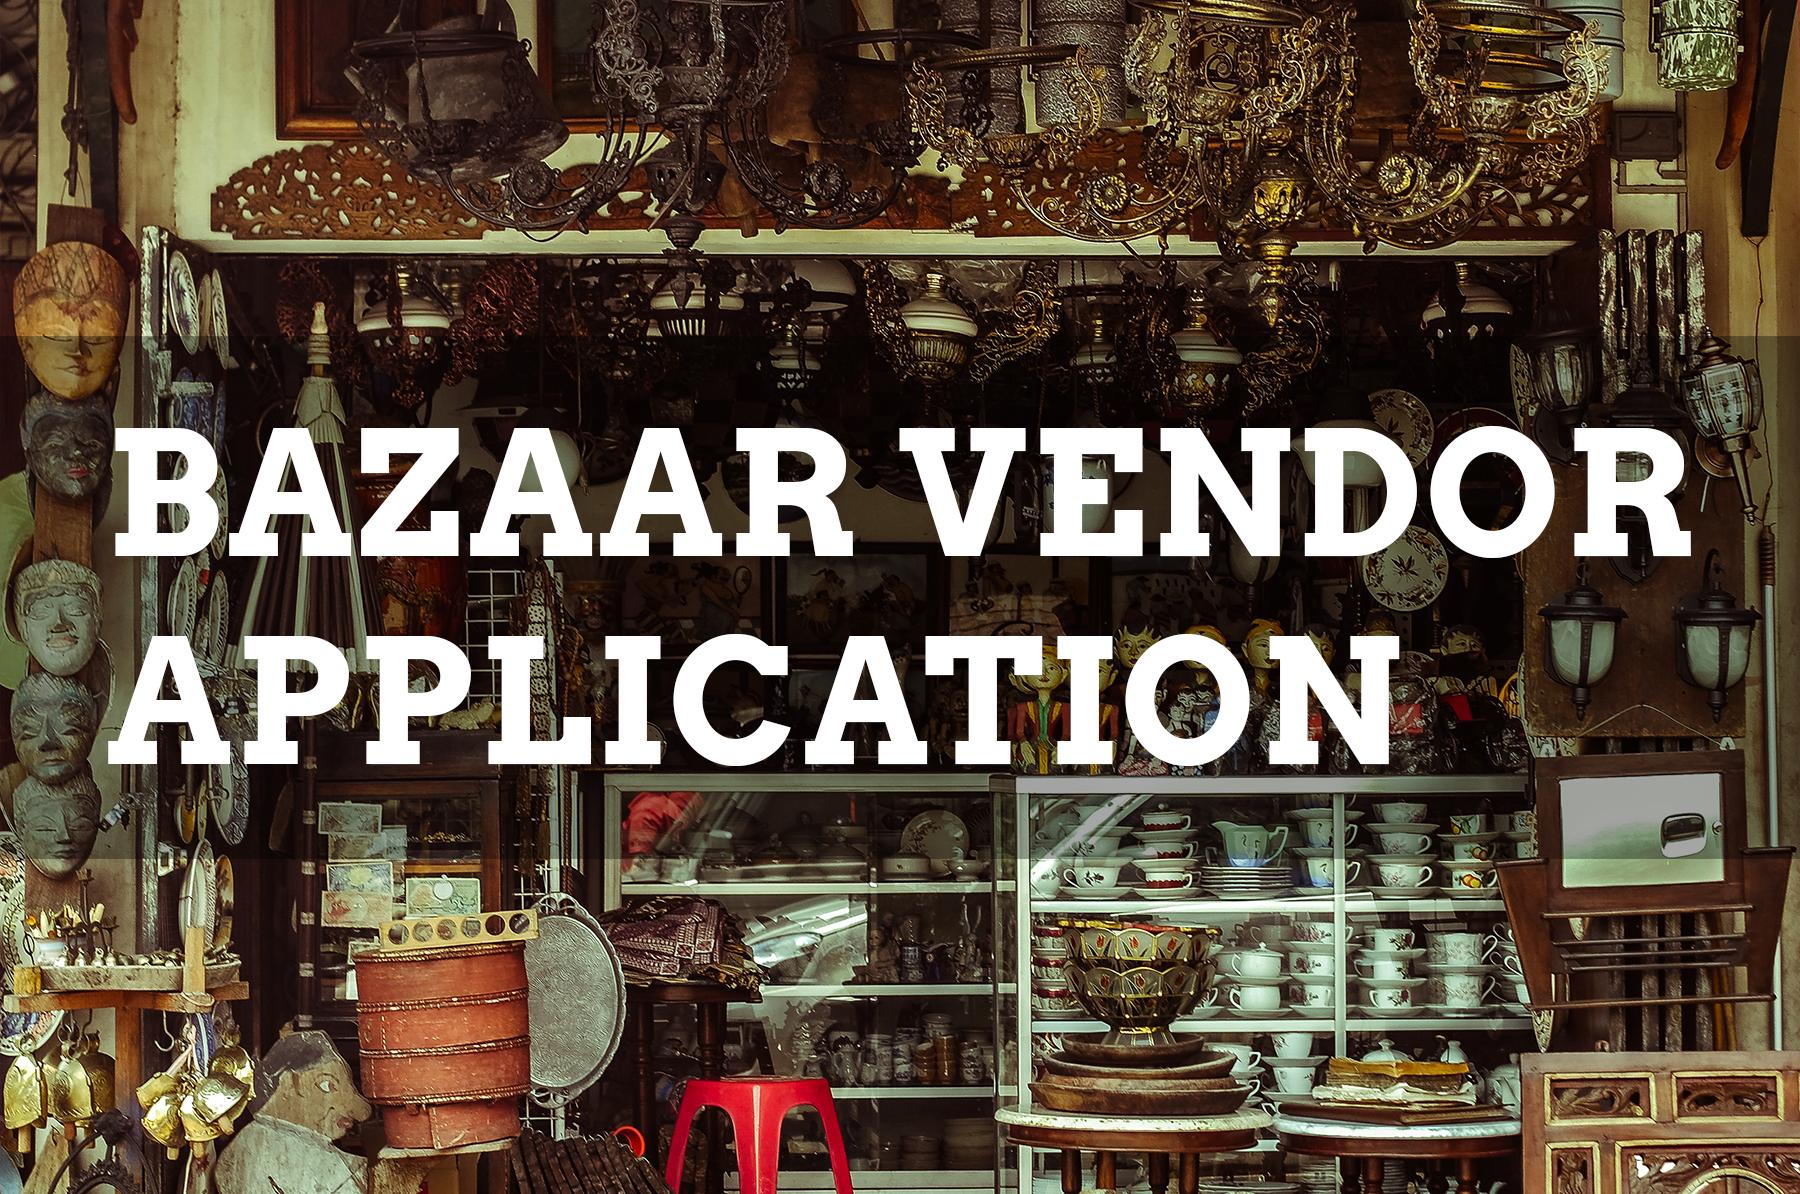 a1bazaar vendor application.png